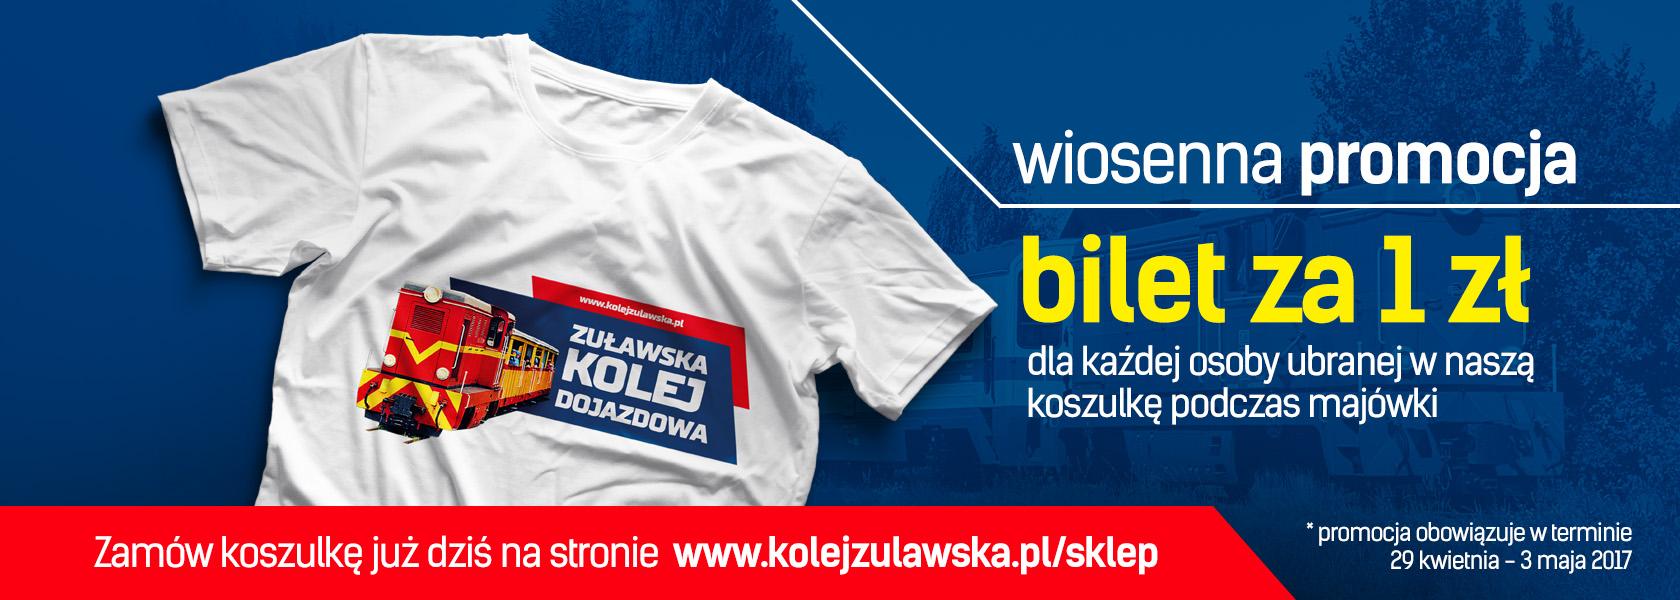 ZKD_slider_bilet1zl